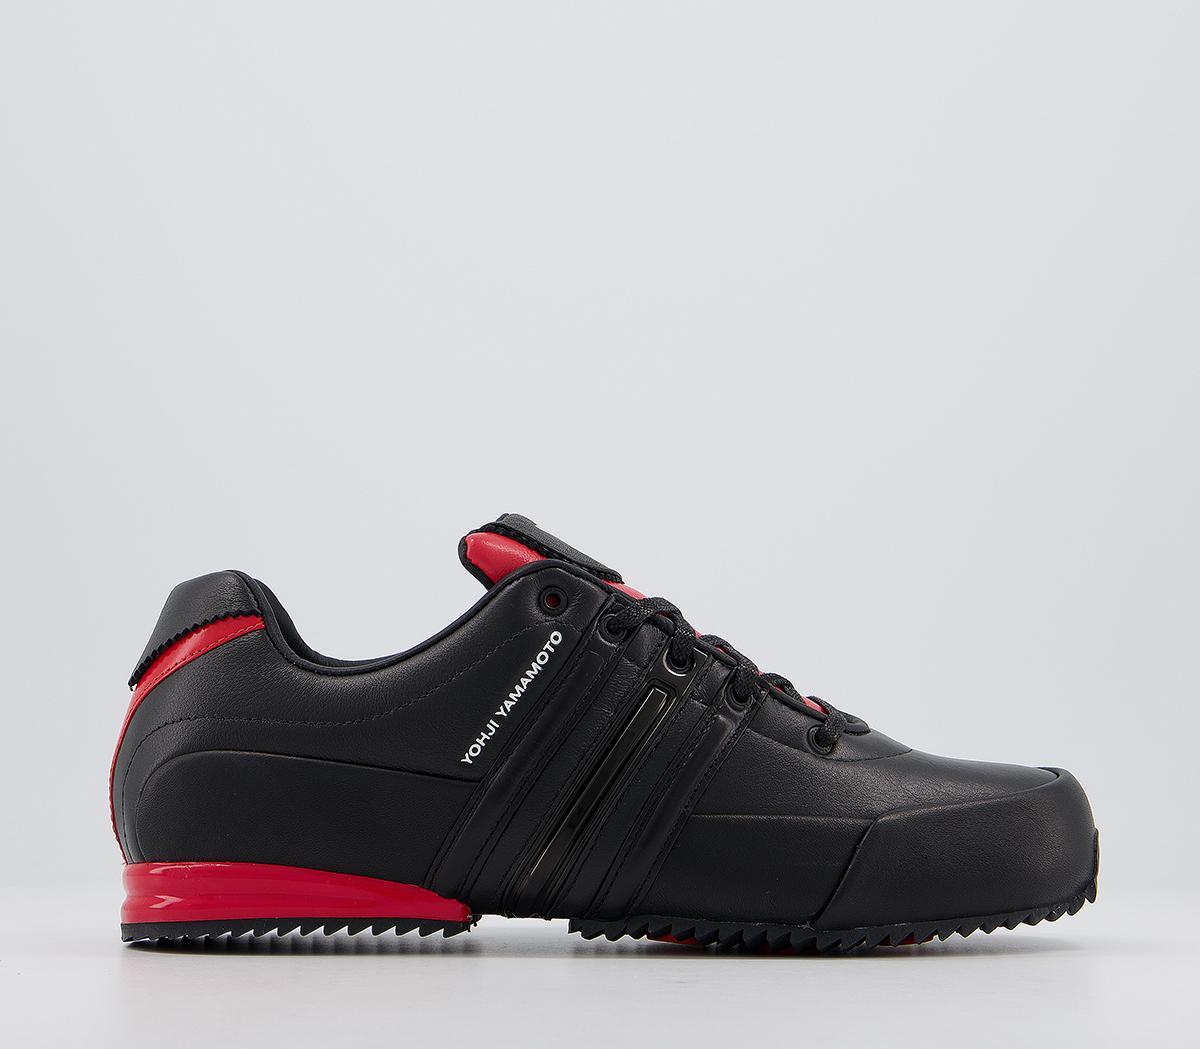 adidas Y3 Y-3 Sprint Trainers Black Red